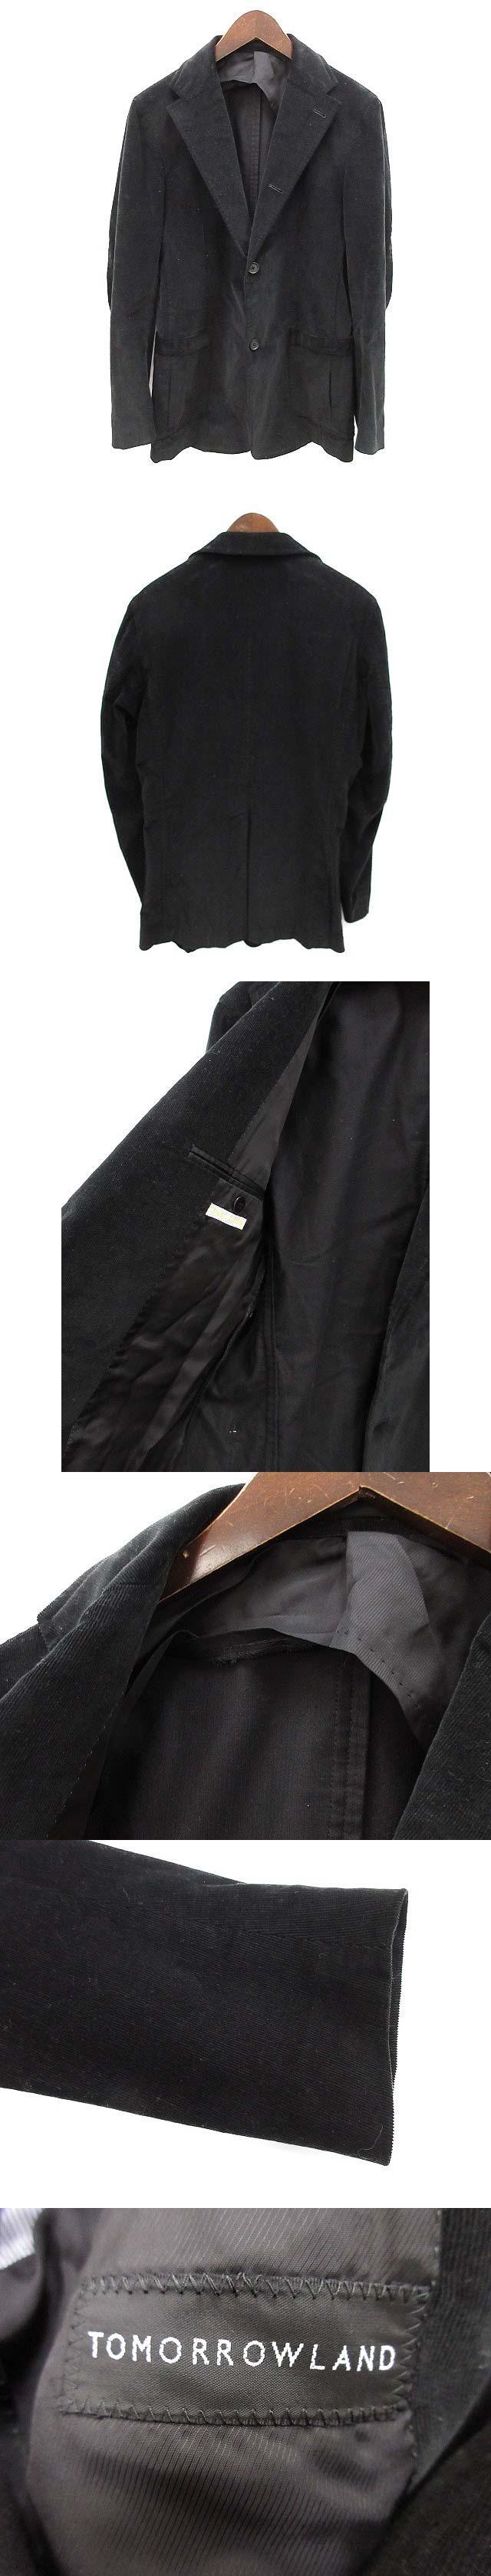 テーラードジャケット コーデュロイ 46 黒 ブラック /OG17